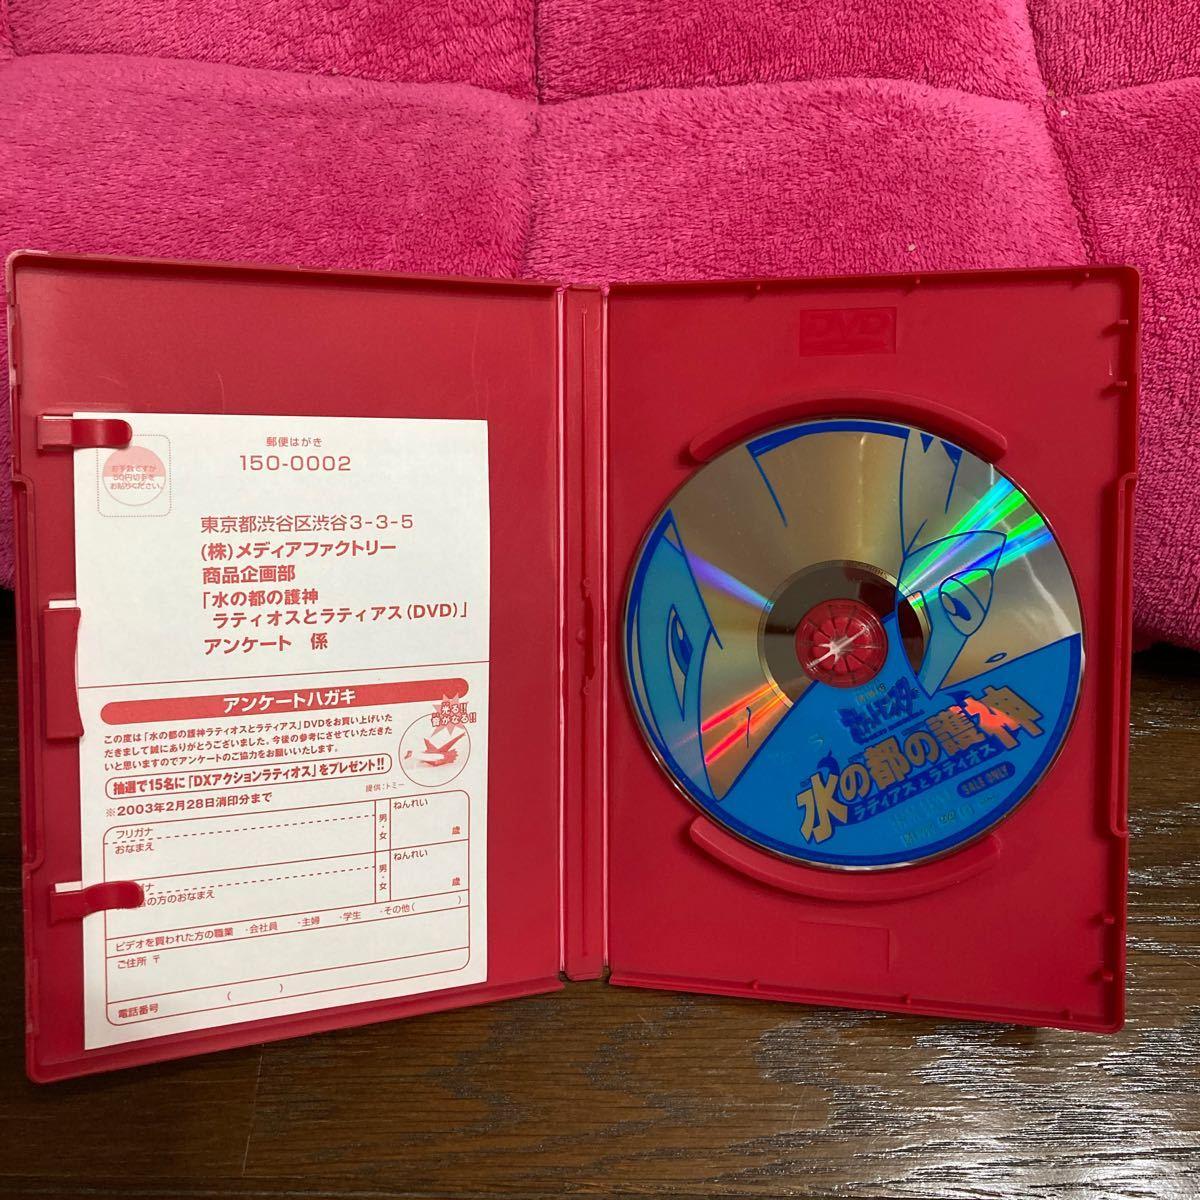 劇場版 DVD ポケットモンスター 水の都 ラティアスとラティオス ポケモン